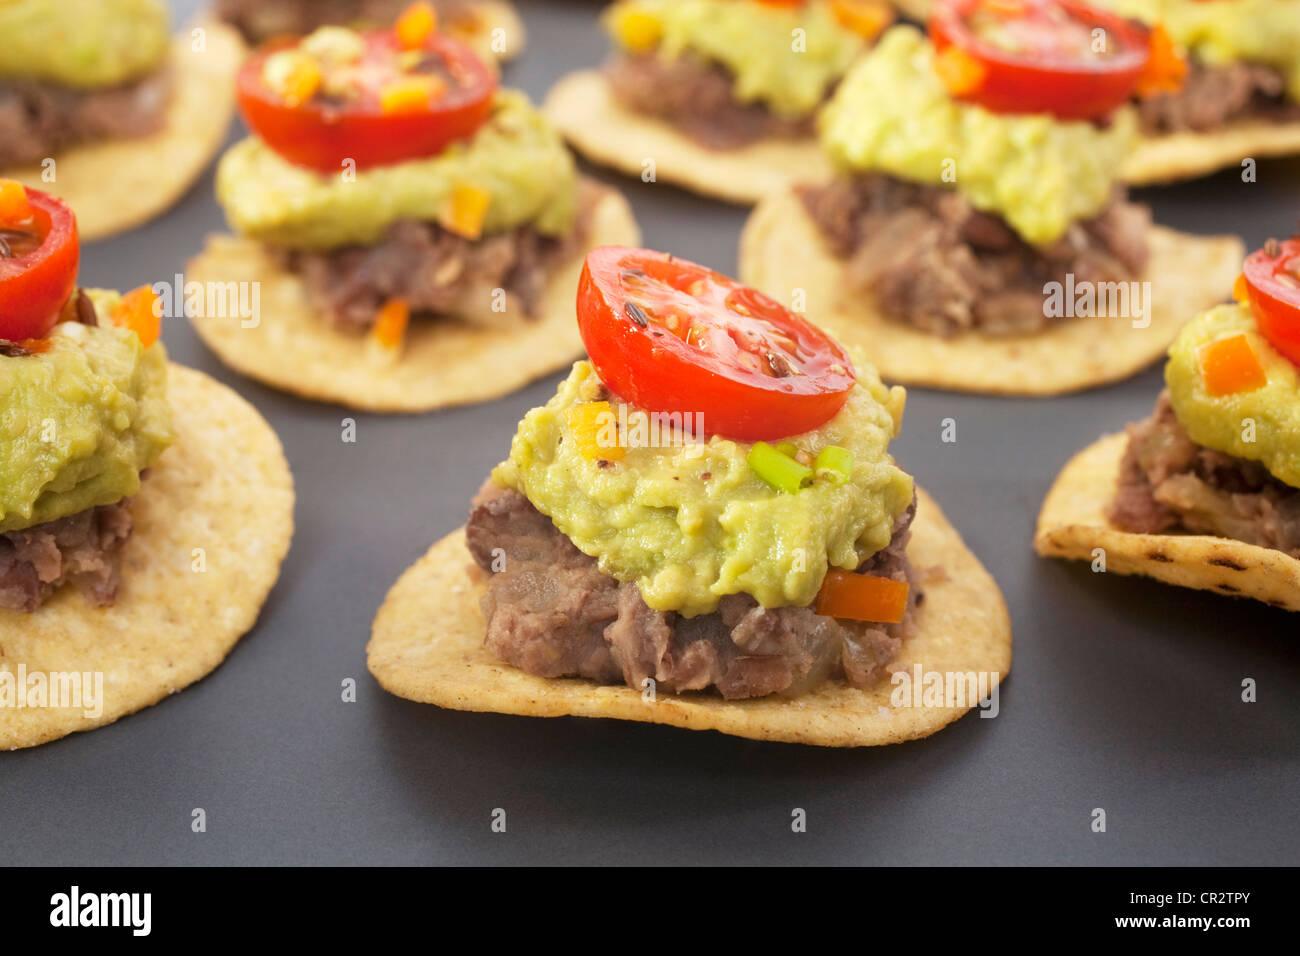 Cuisine de fête mexicaine épicée, croustilles de maïs garnies de haricots, de l'avocat et Photo Stock